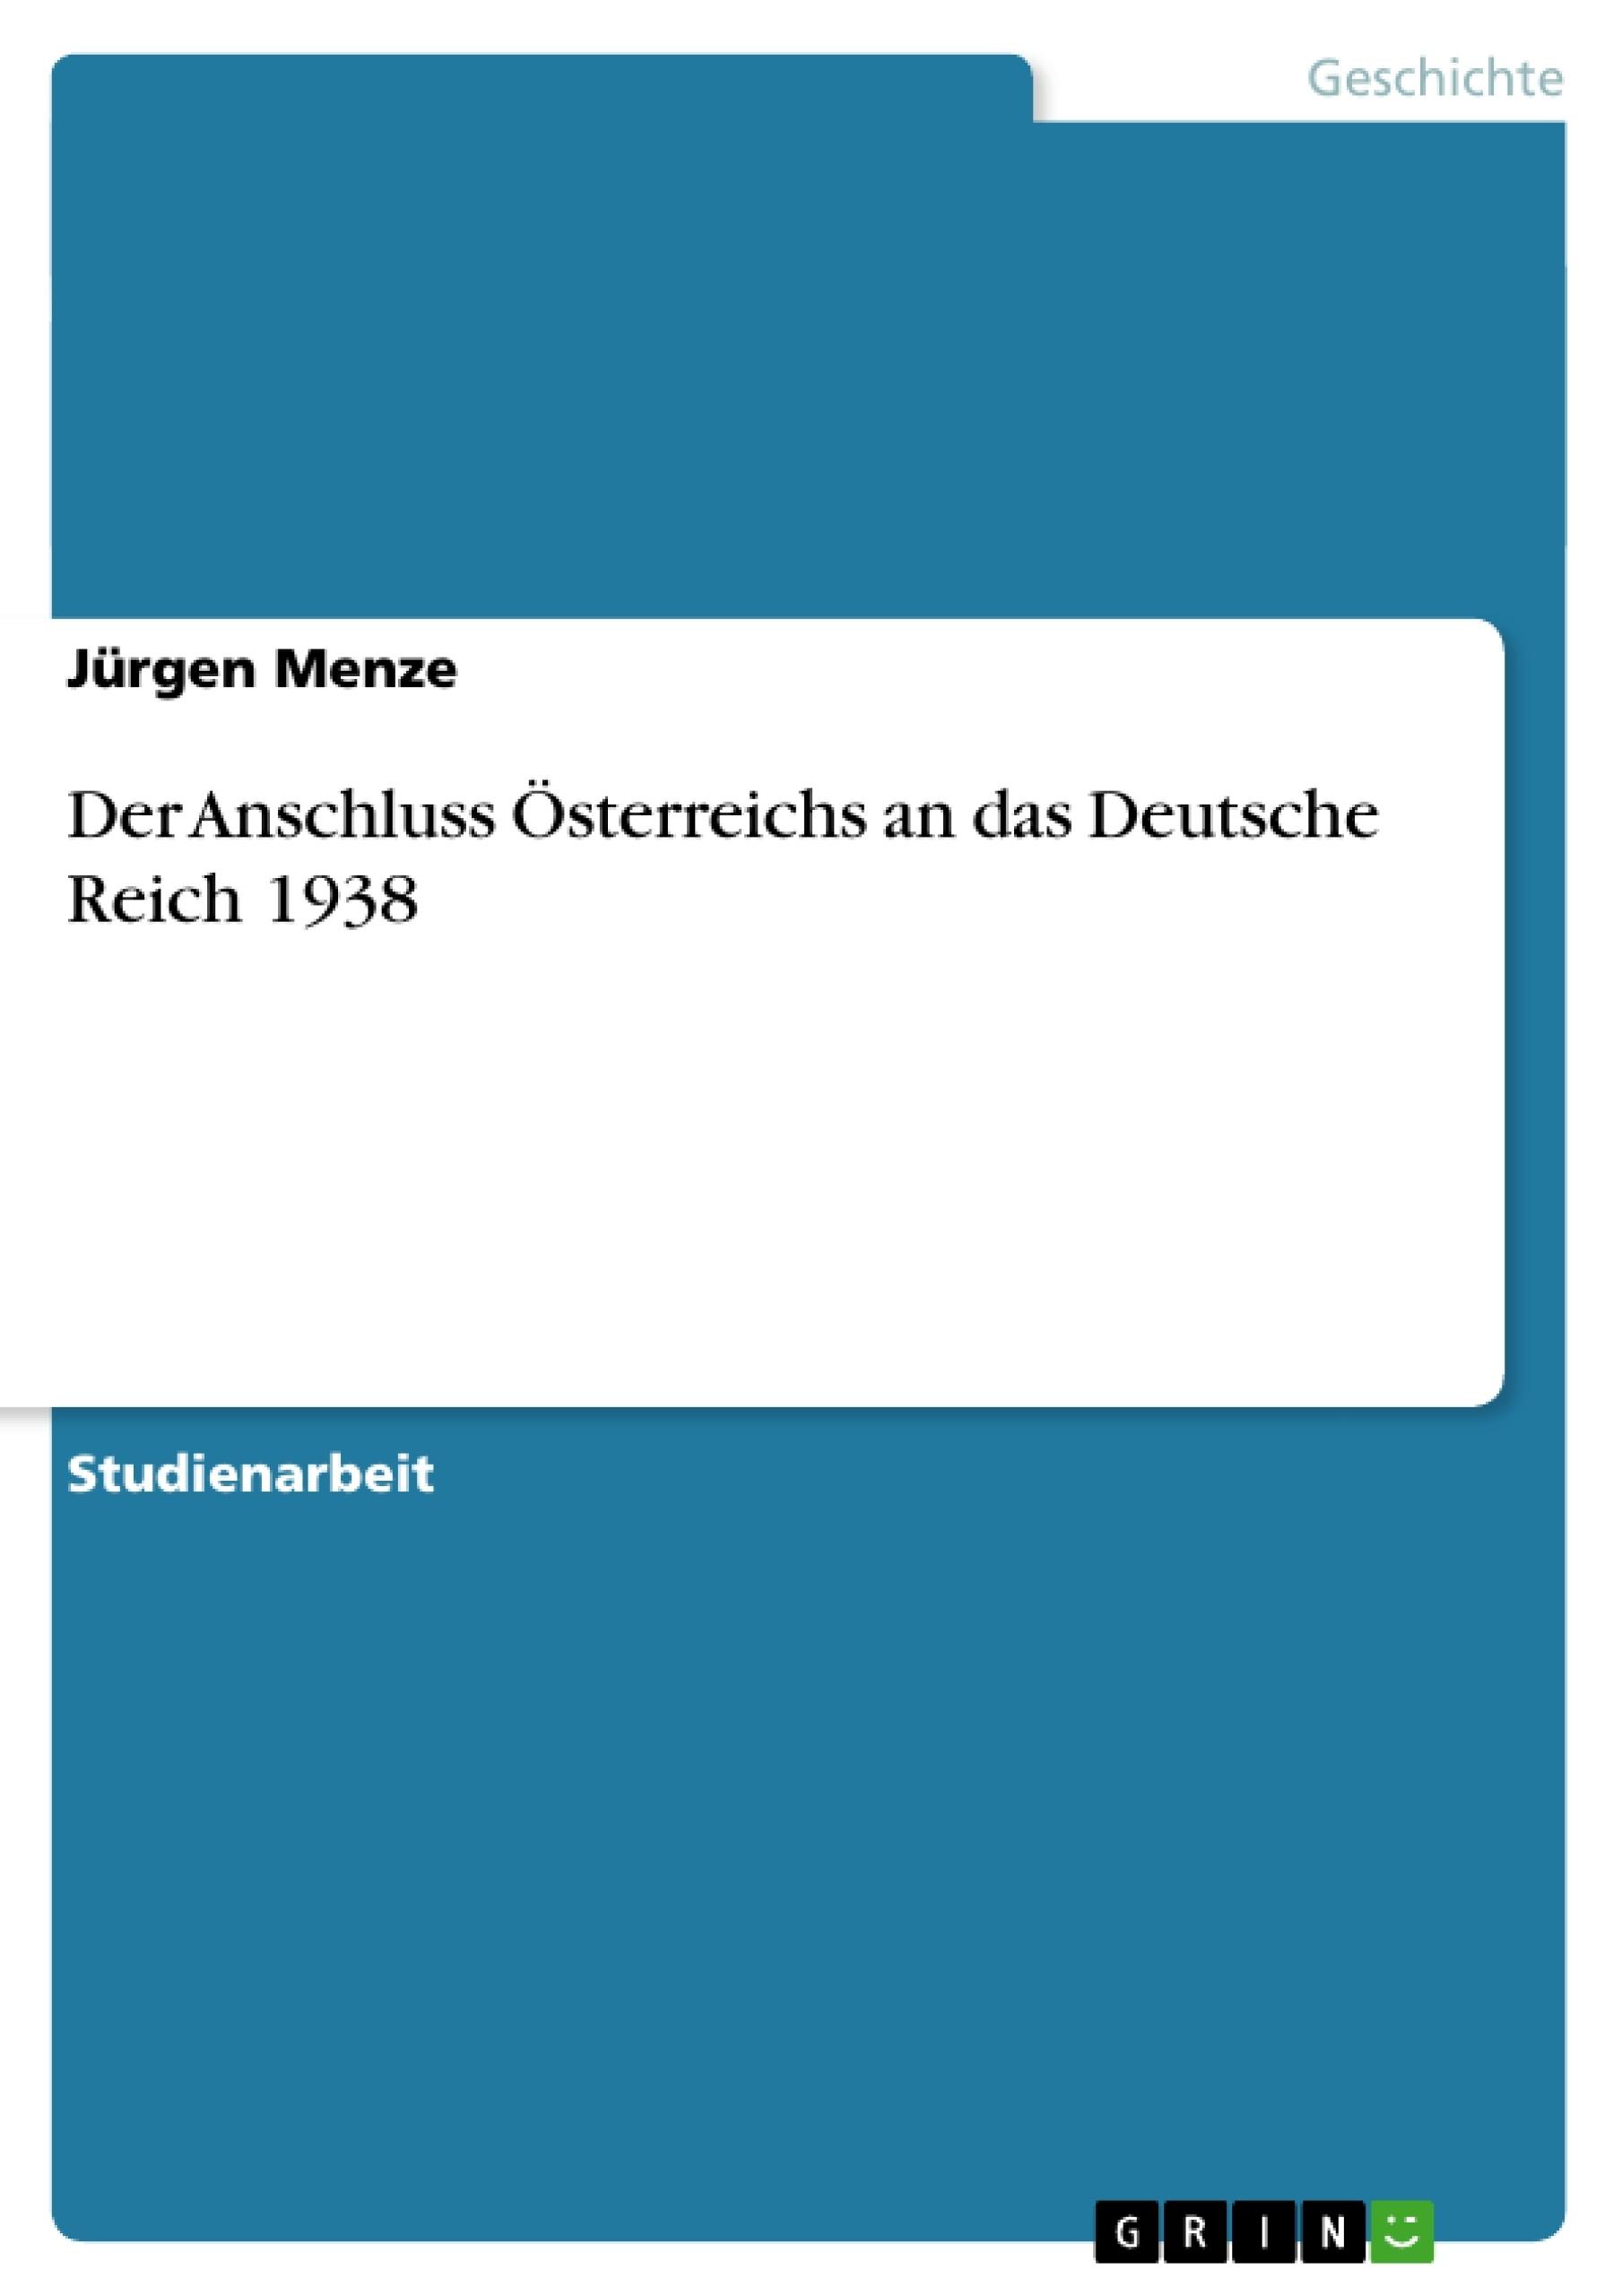 Titel: Der Anschluss Österreichs an das Deutsche Reich 1938